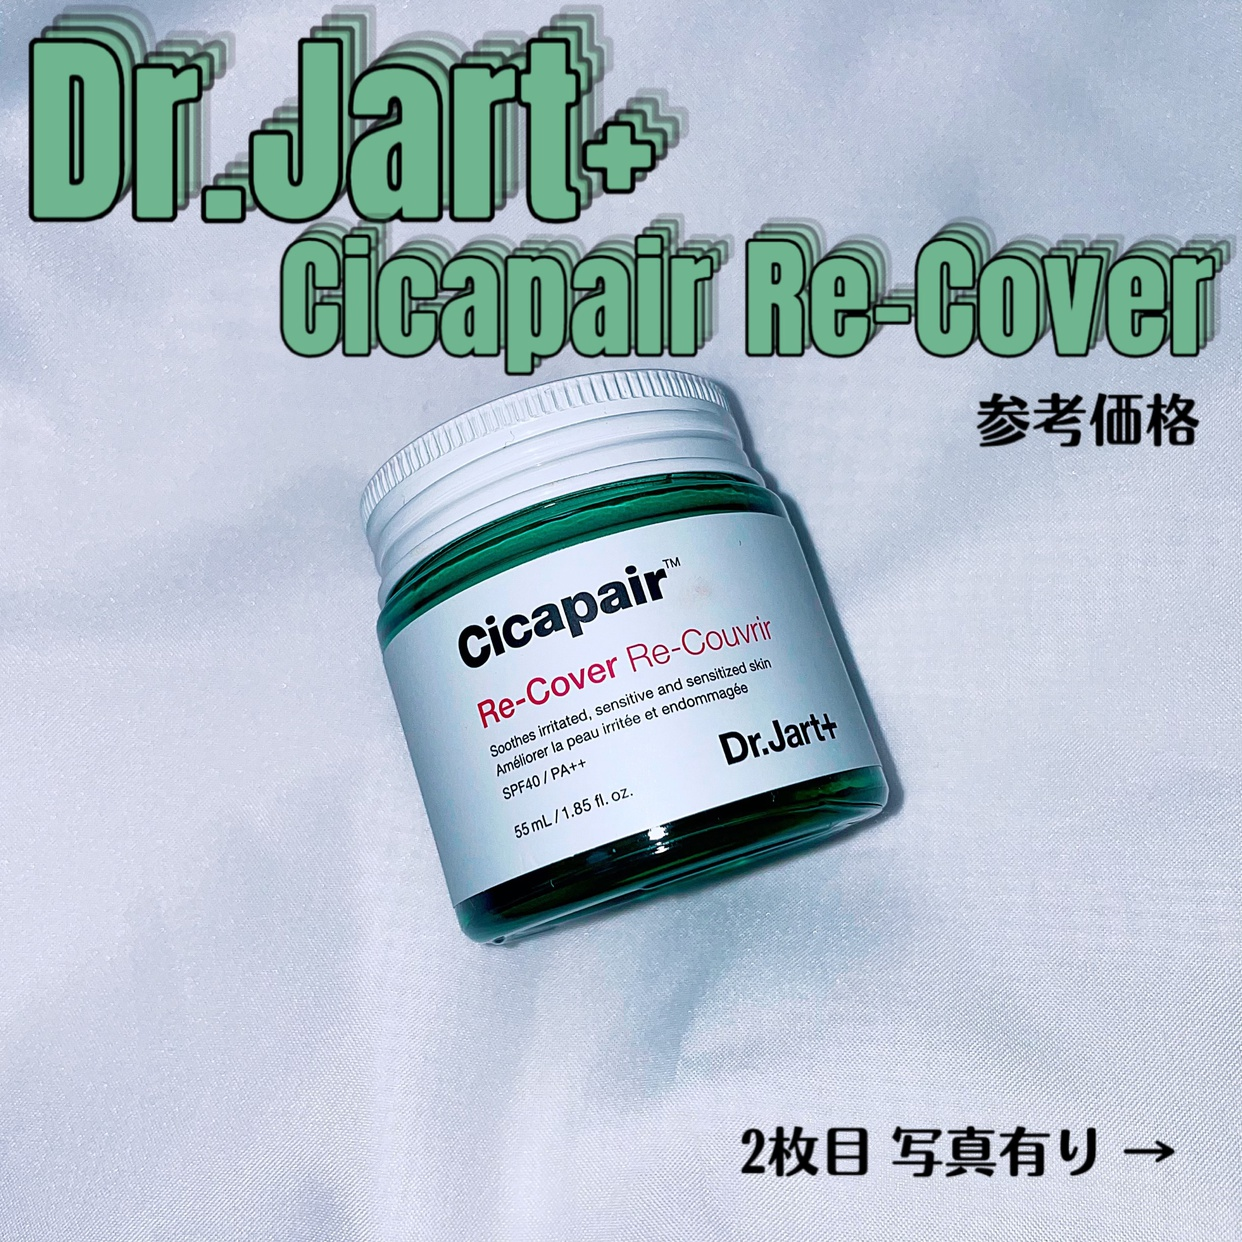 Dr.Jart+(ドクタージャルト) シカペア リカバーを使ったmayuさんのクチコミ画像